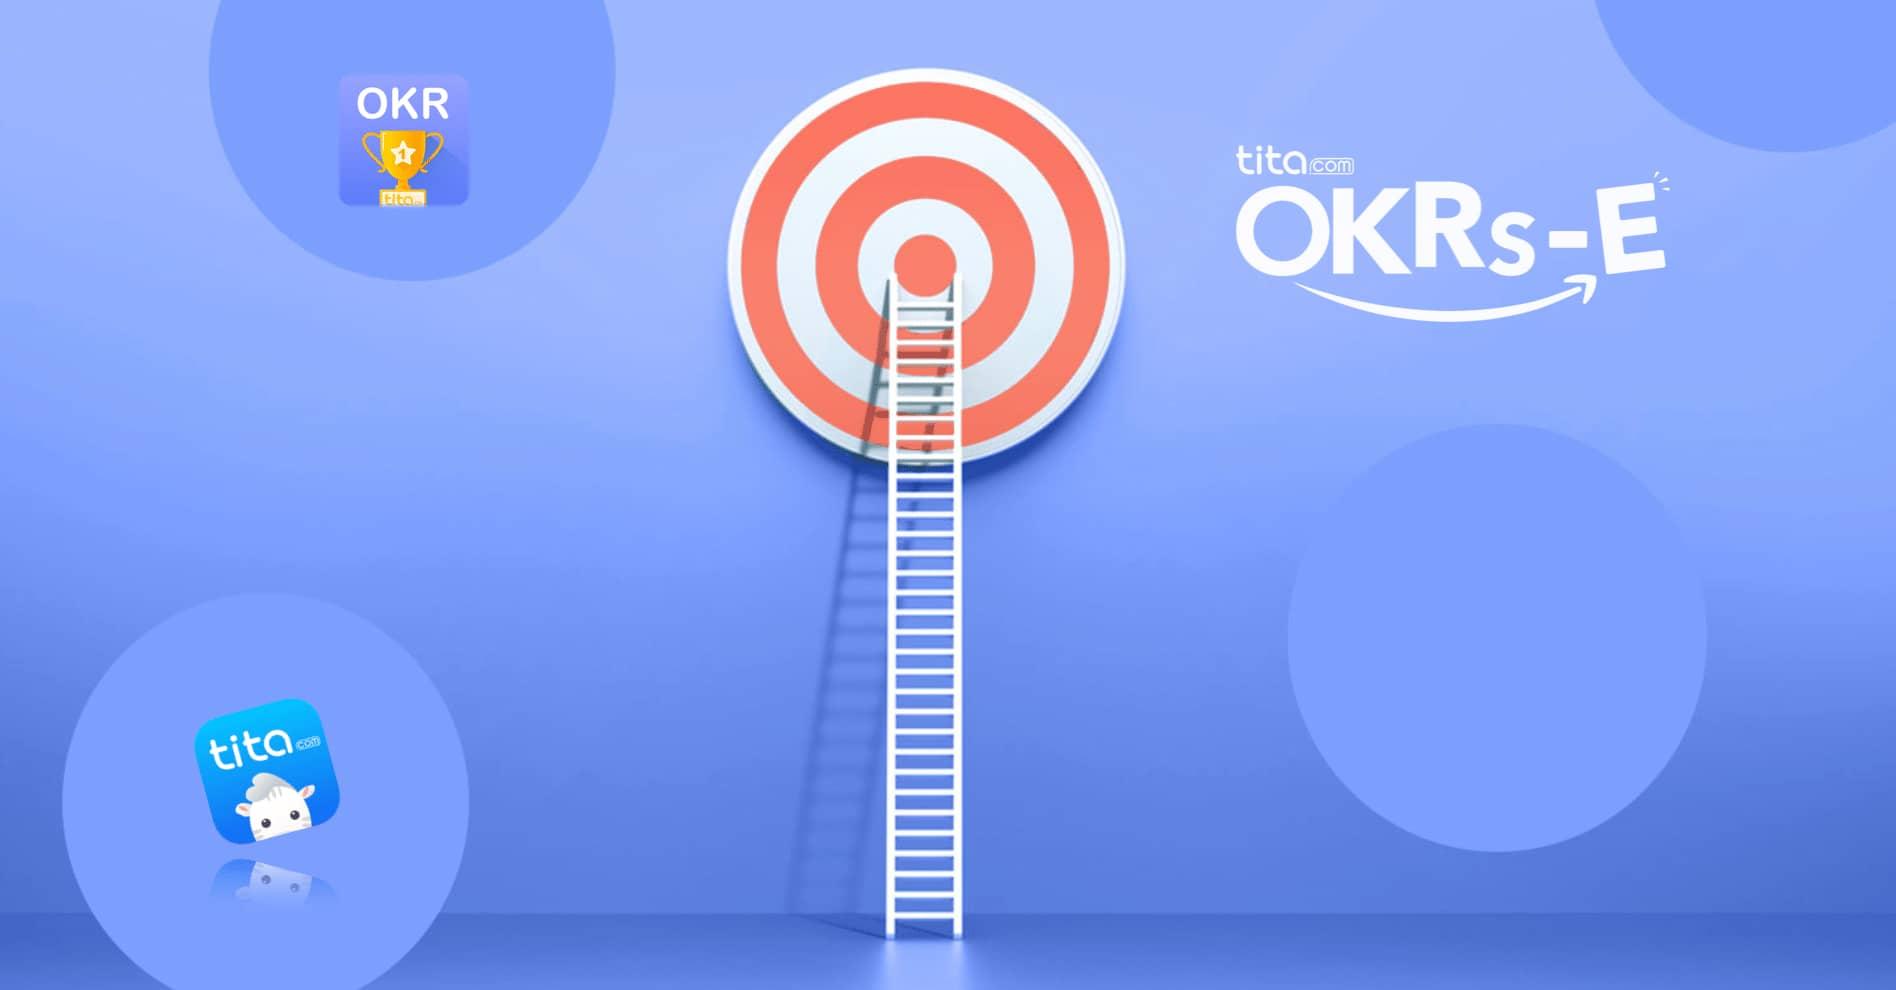 为什么定义公司愿景对于设定 OKR 很重要